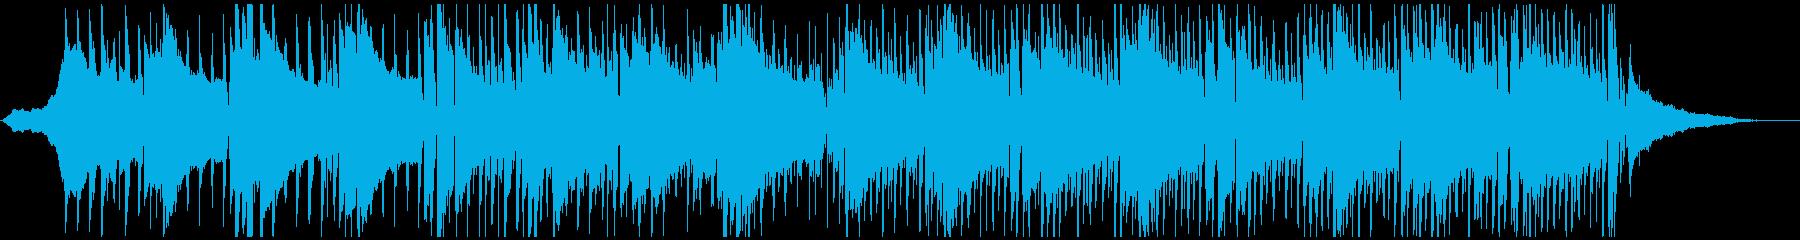 透明感のあるコーポレート系BGMの再生済みの波形